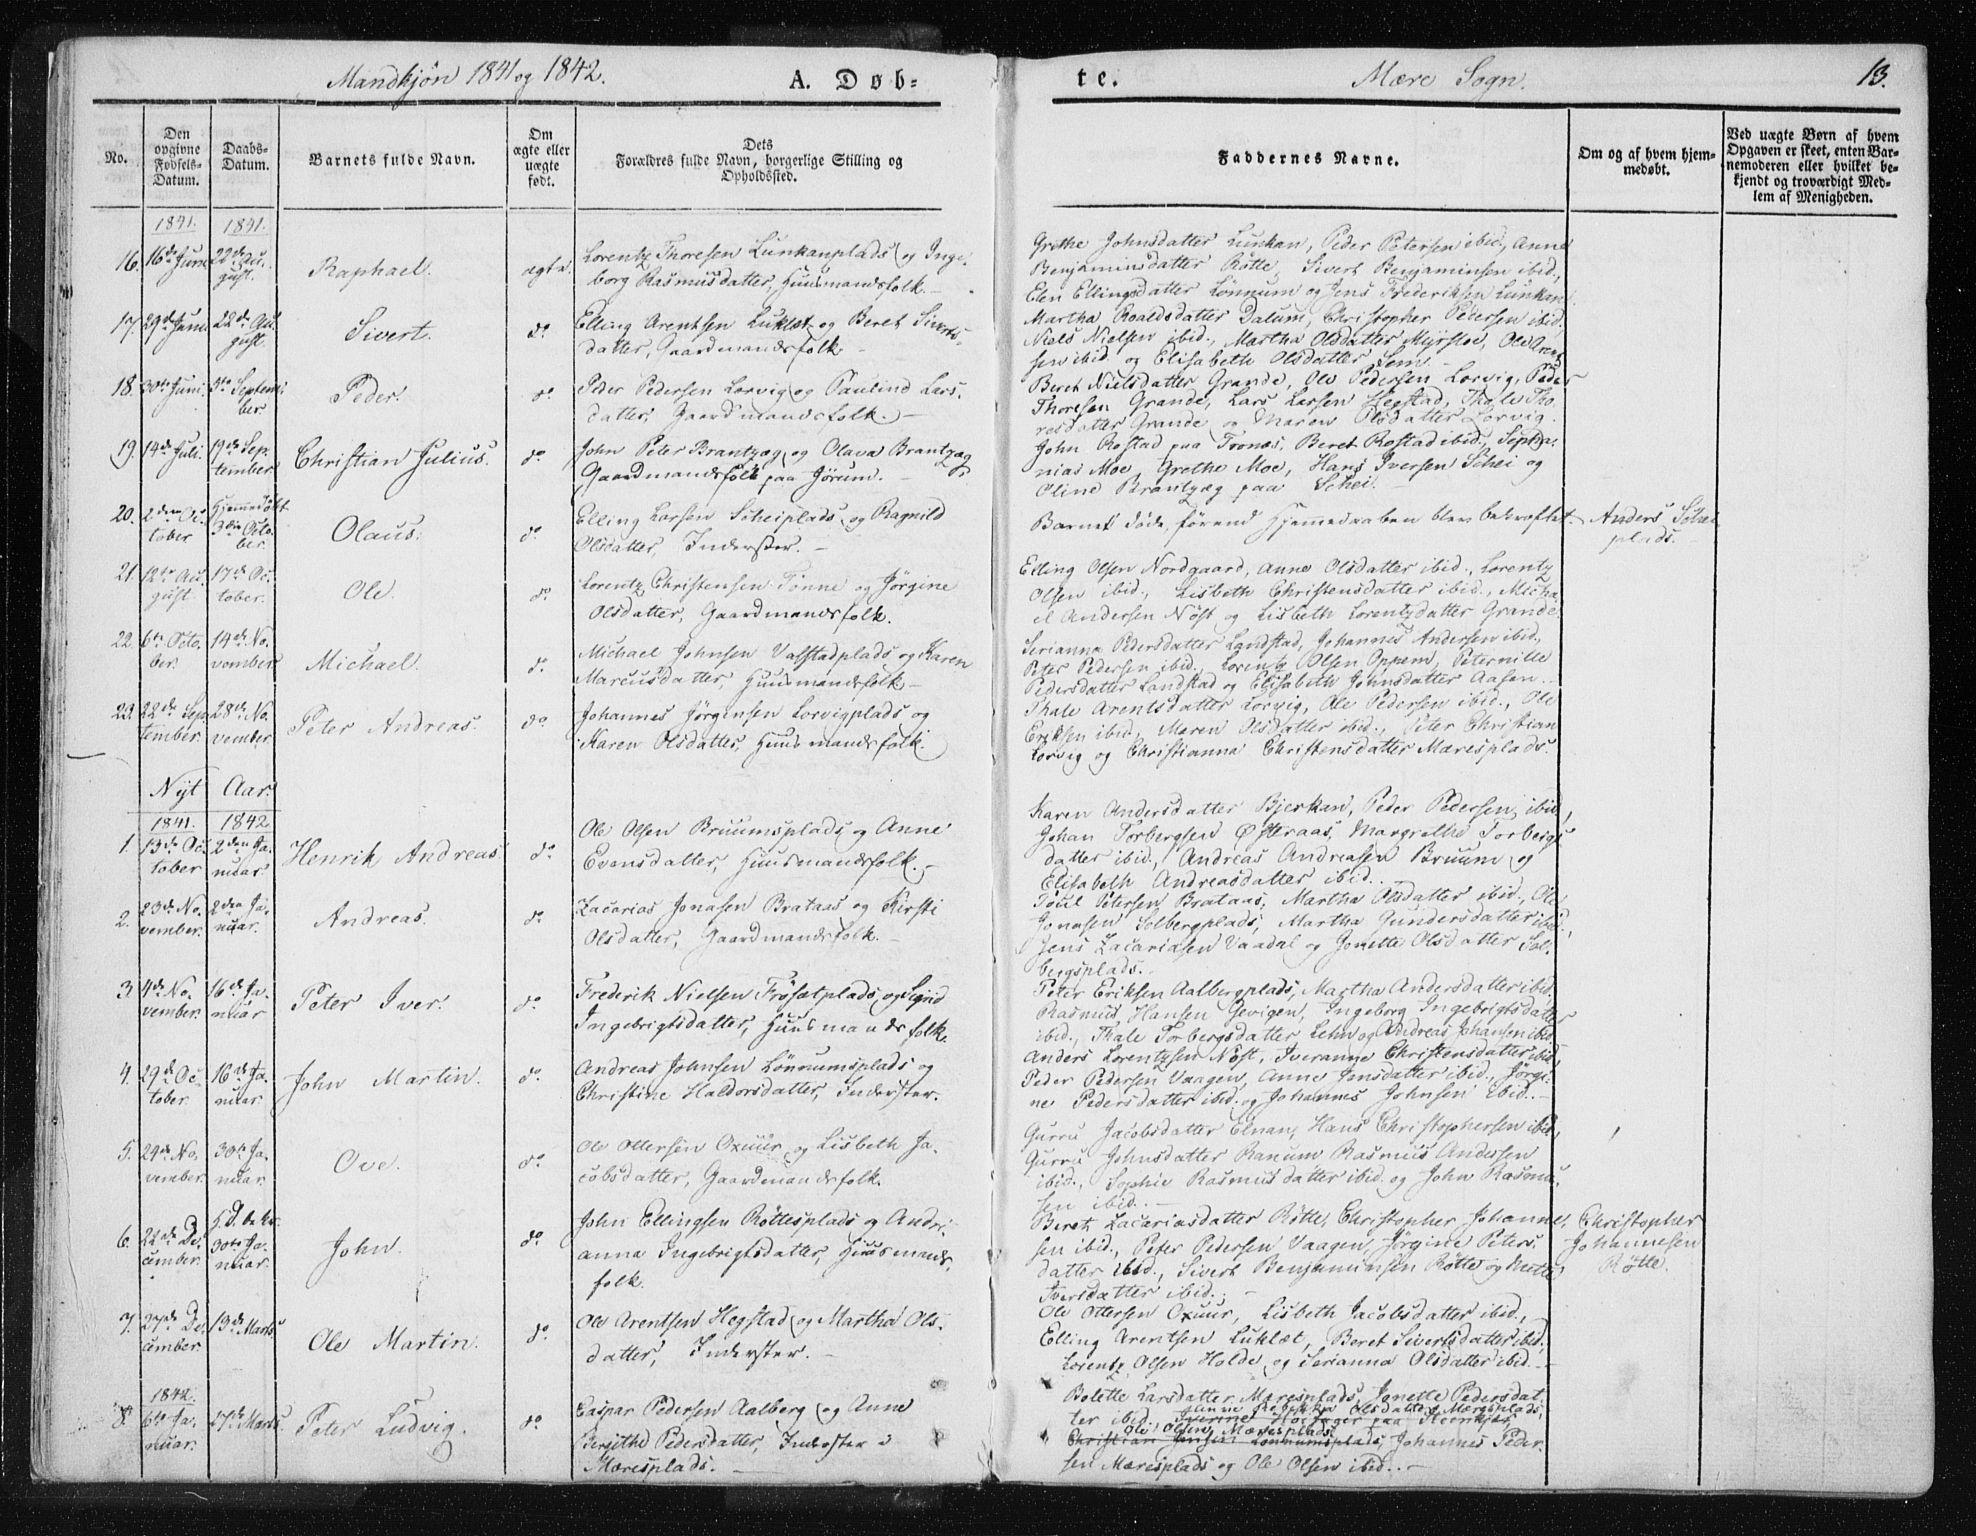 SAT, Ministerialprotokoller, klokkerbøker og fødselsregistre - Nord-Trøndelag, 735/L0339: Ministerialbok nr. 735A06 /1, 1836-1848, s. 13